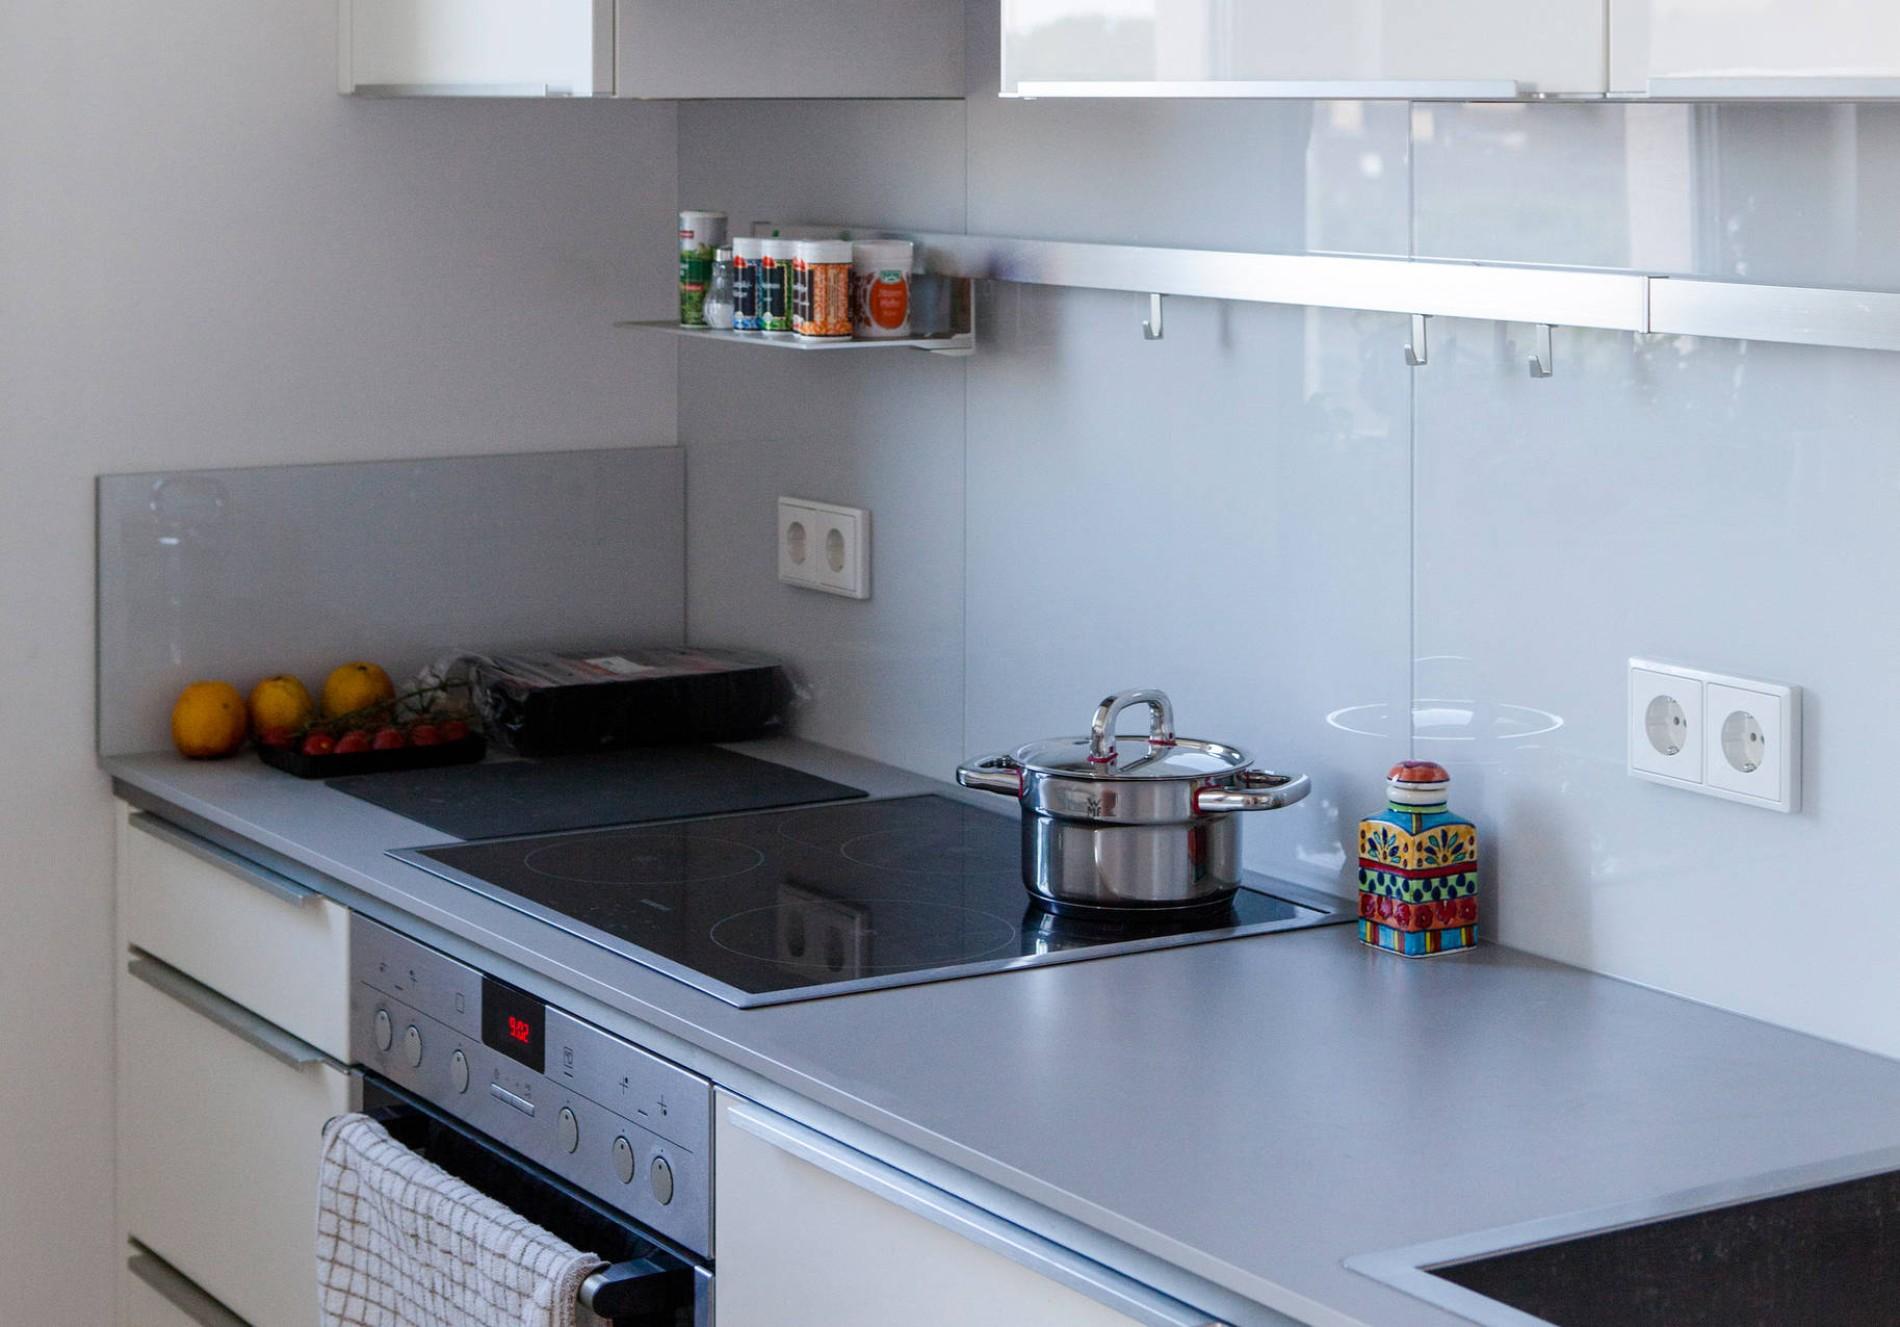 Full Size of Und Ihre Rabatte Wie Ich Fast Kchenverkufer Küche Küchen Regal Wohnzimmer Segmüller Küchen